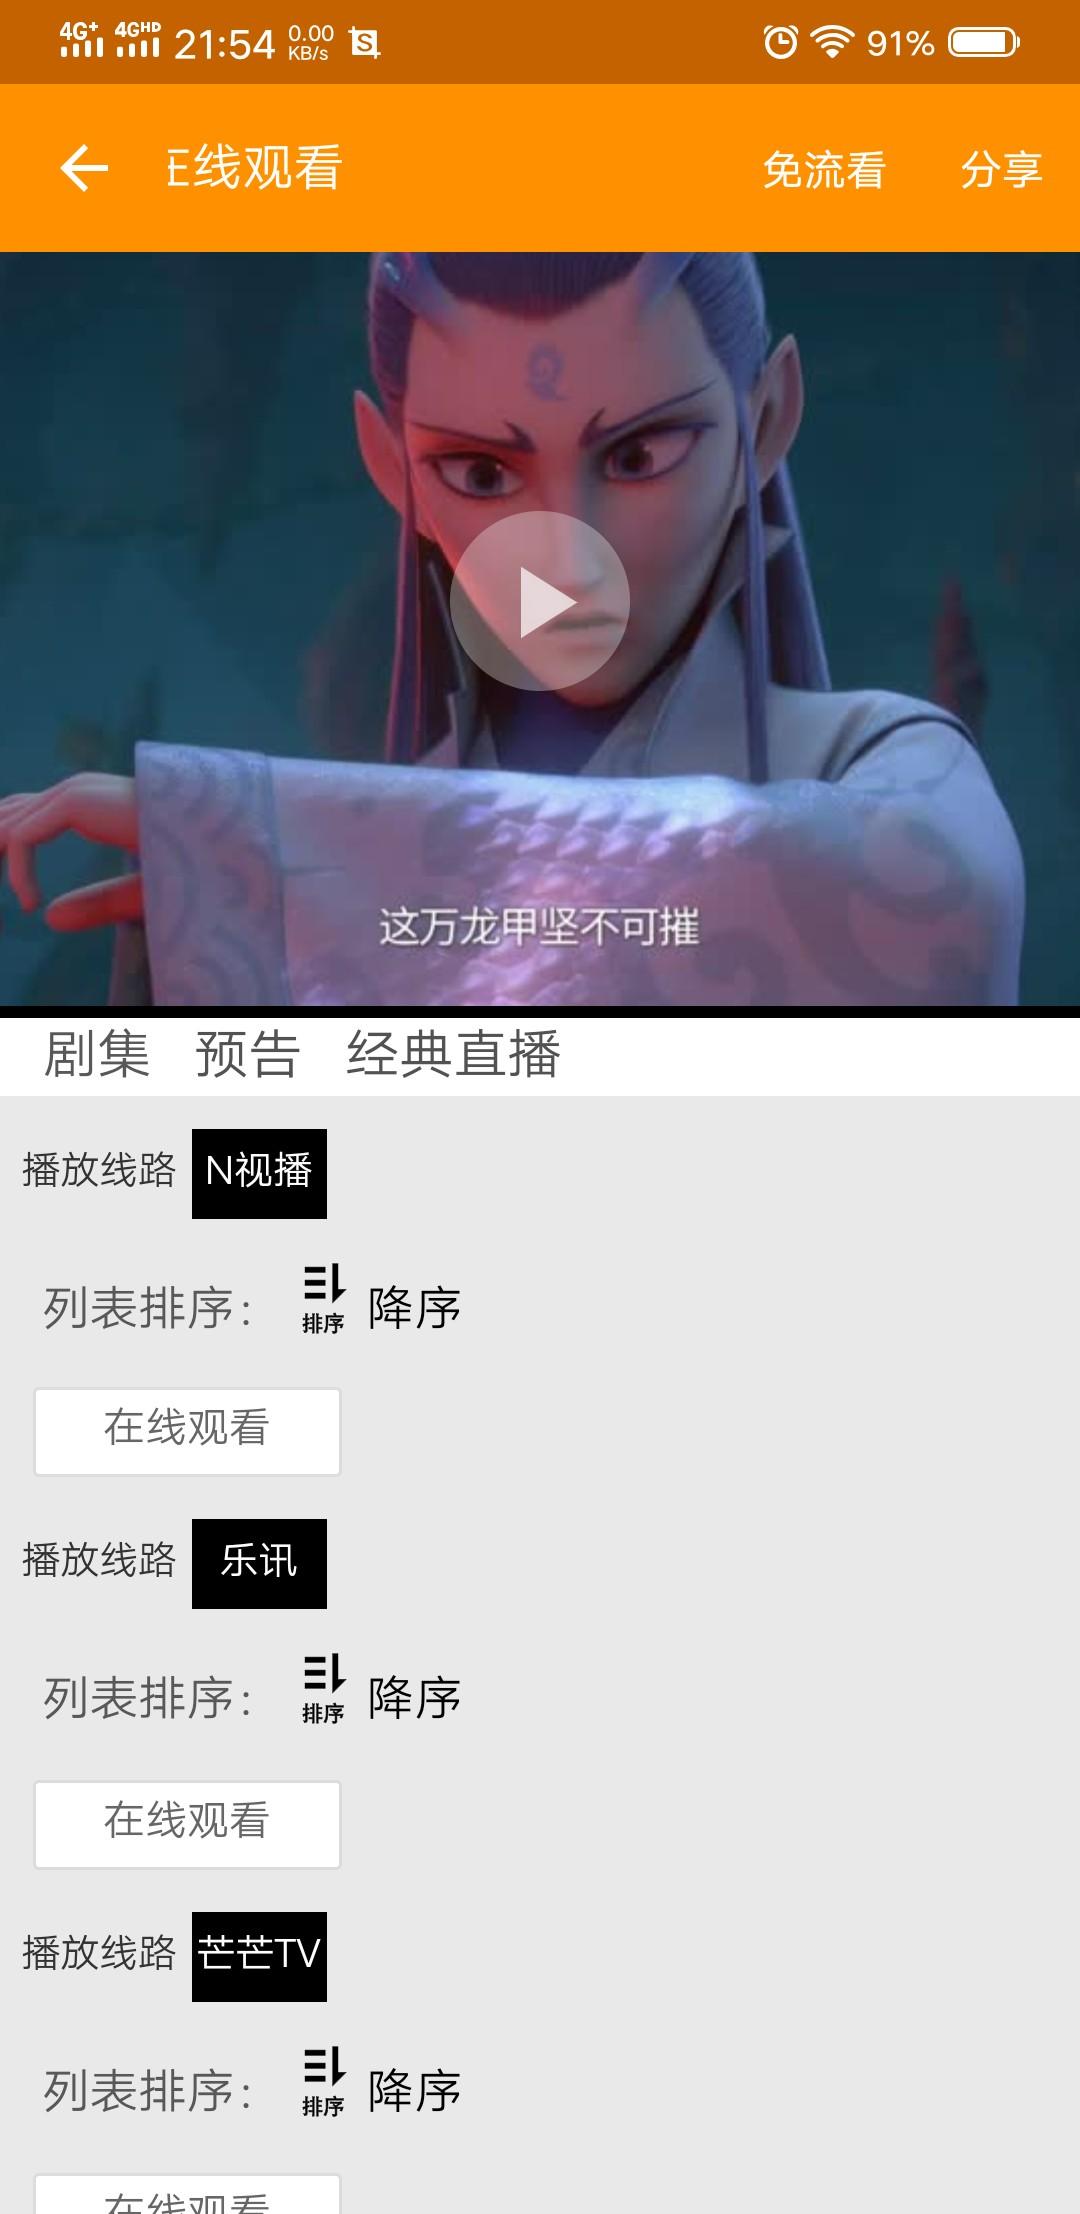 Screenshot_2019_1020_215417.jpg